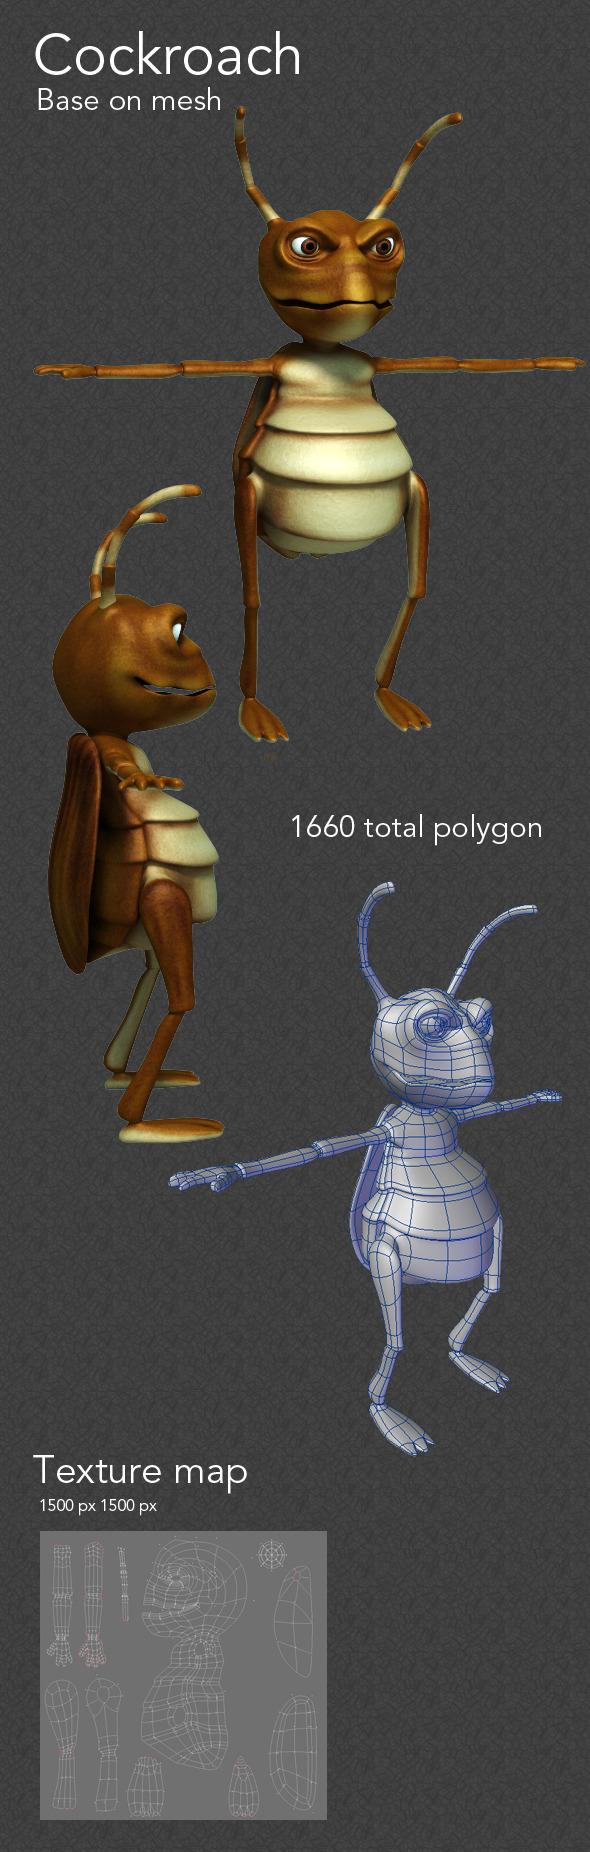 3DOcean cockroach 3343264